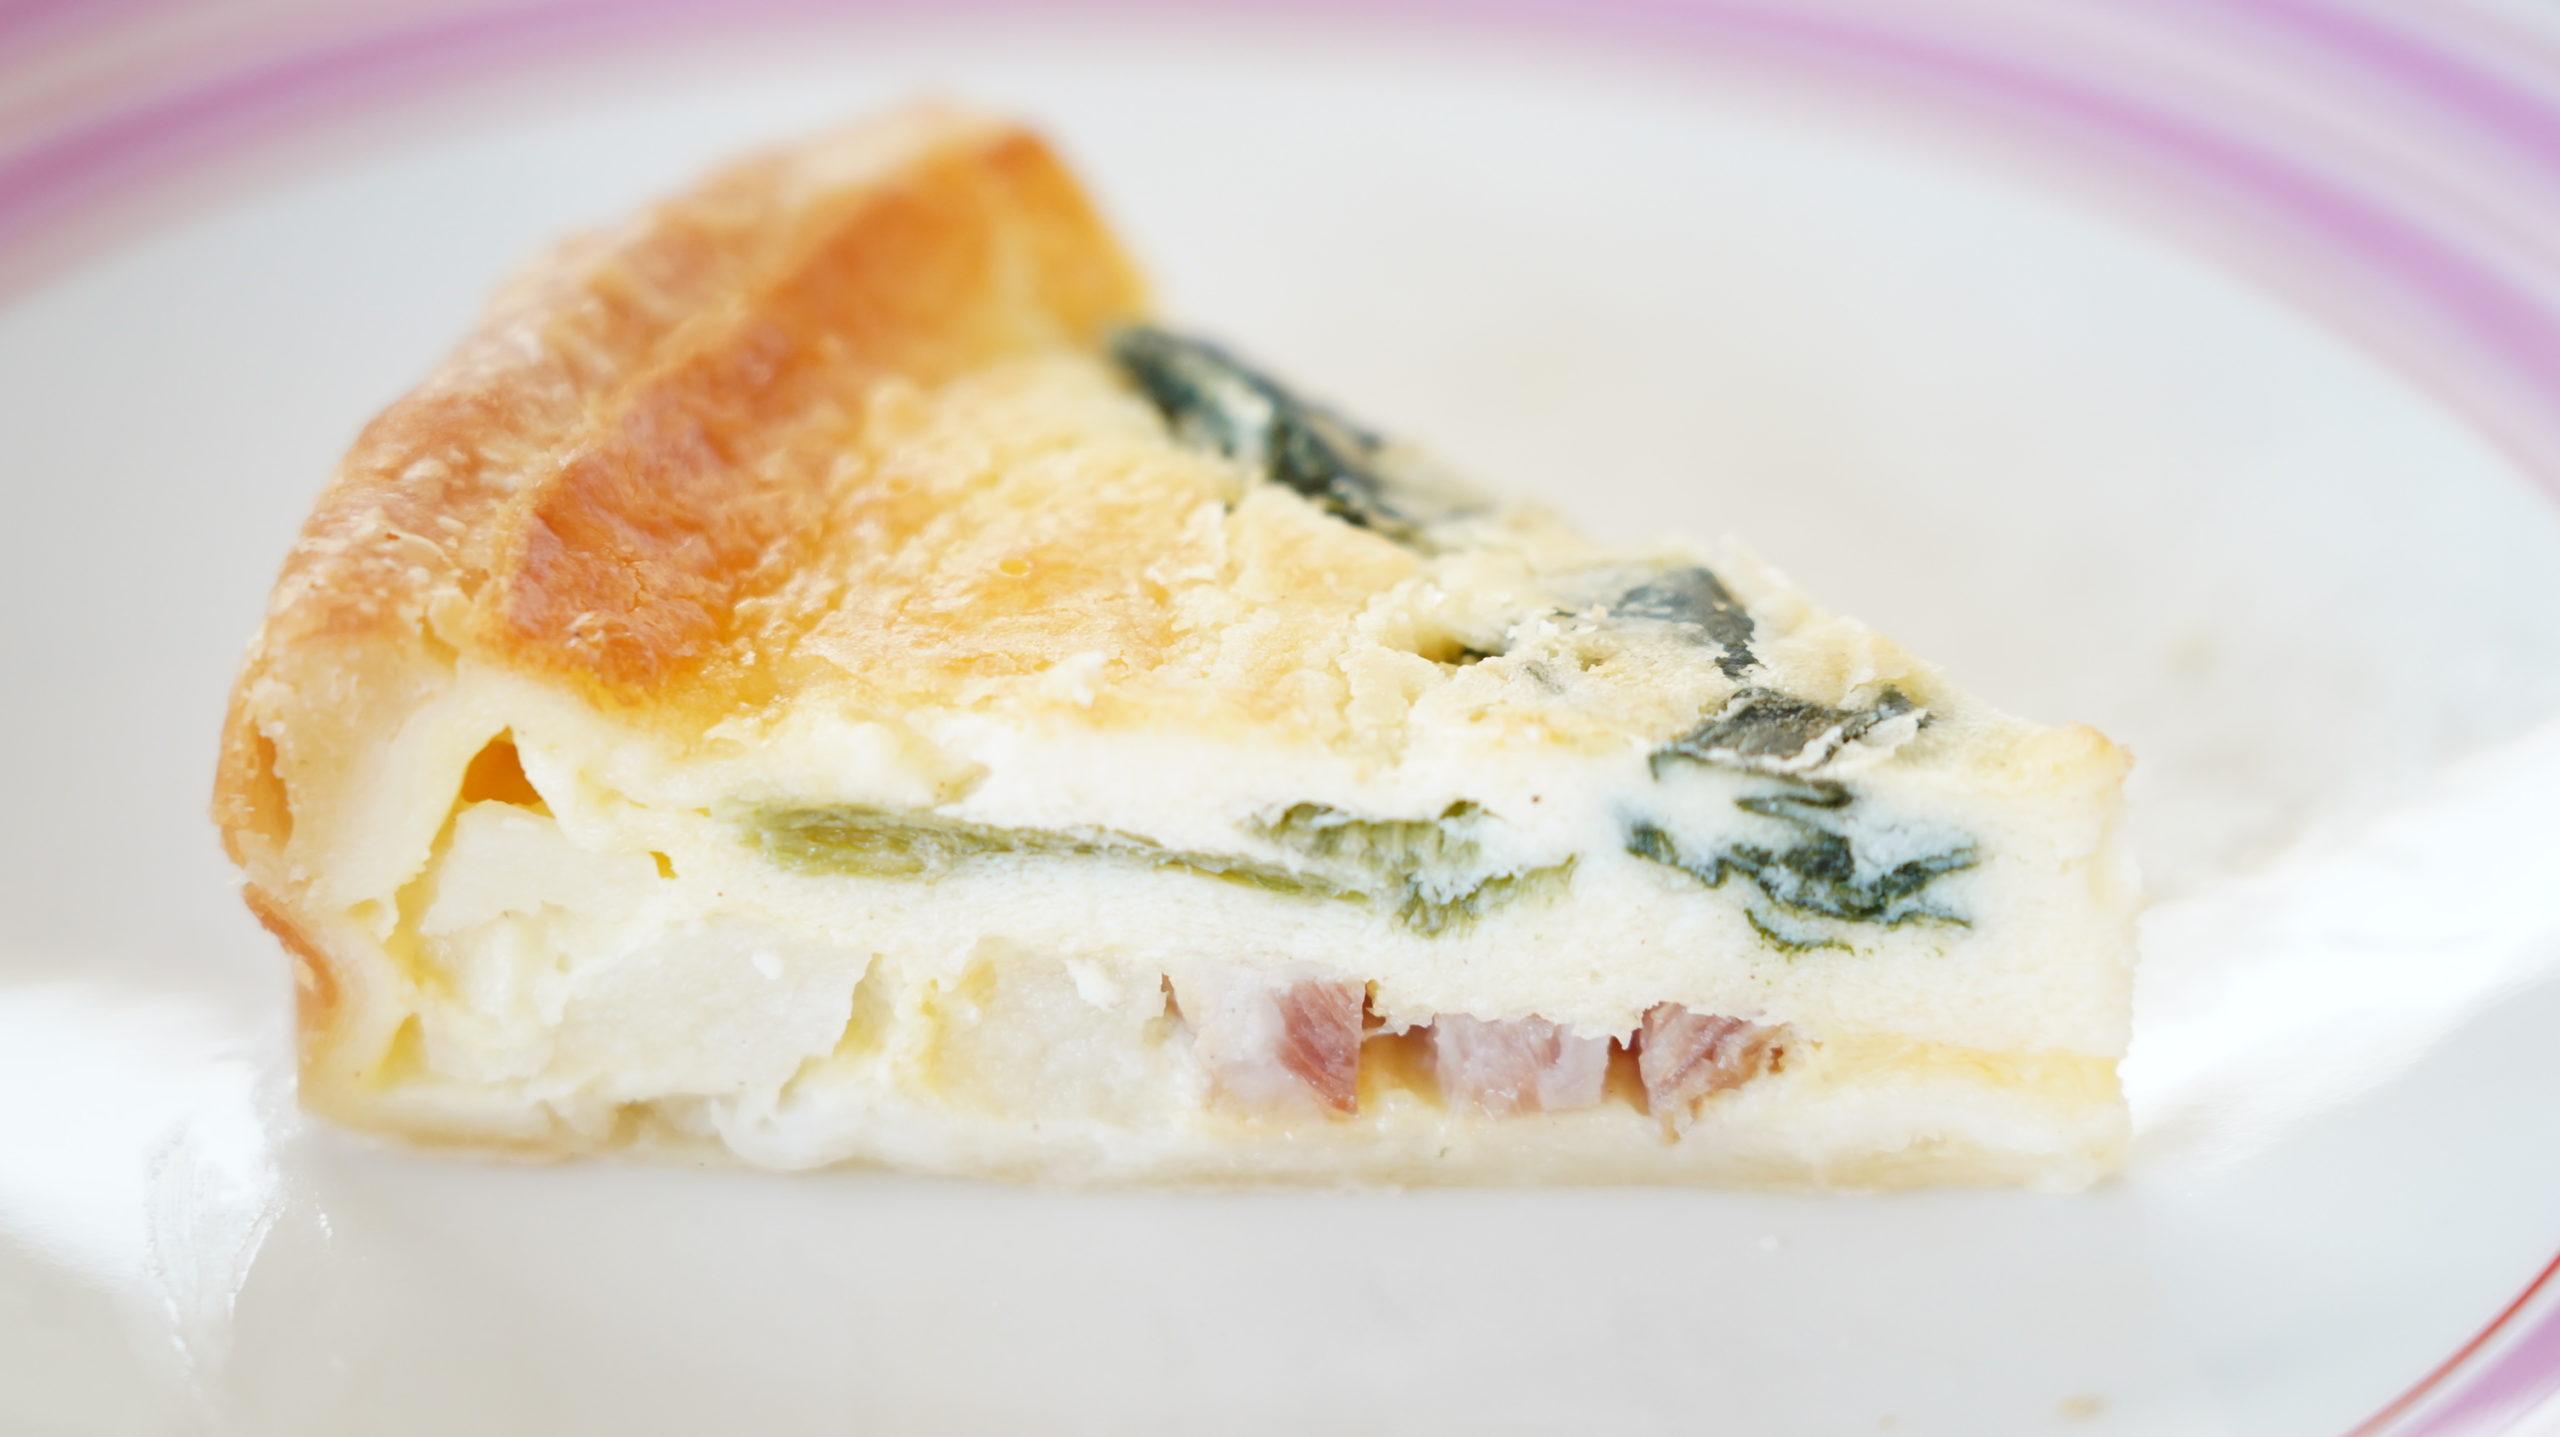 ローソンの冷凍食品「ベーコンとほうれん草のキッシュ」の断面の写真